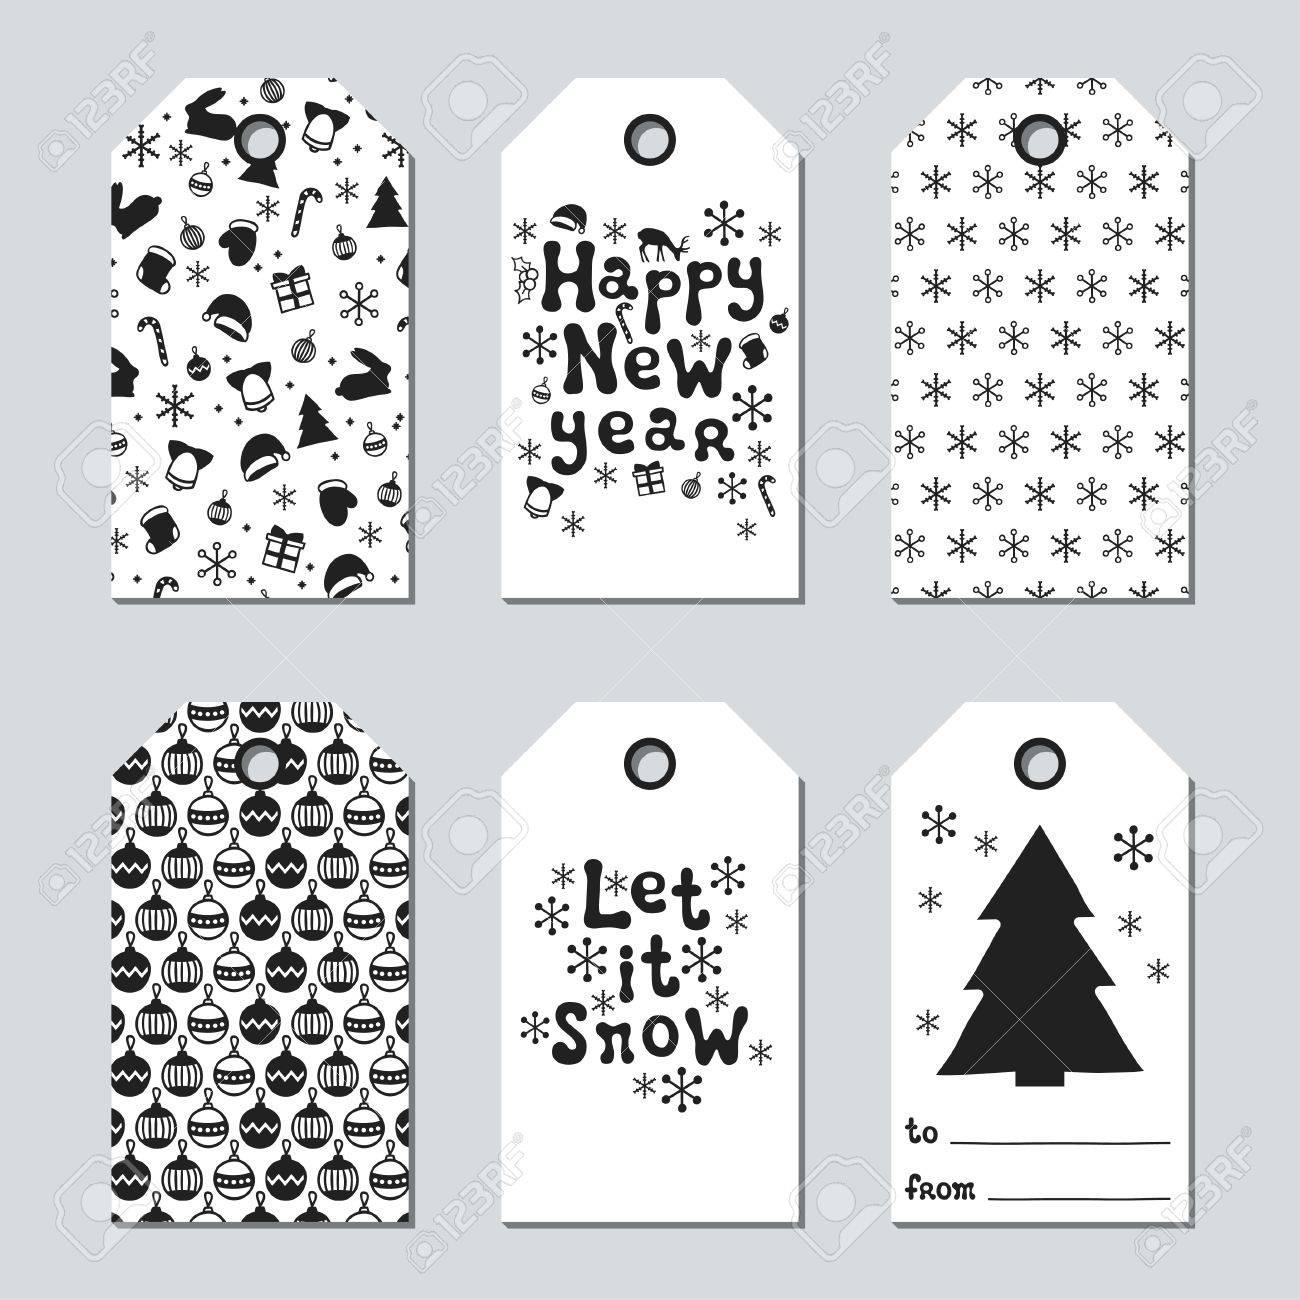 Navidad Y Etiquetas Del Regalo Del Ano Nuevo Tarjetas Navidad - Postales-navidad-dibujos